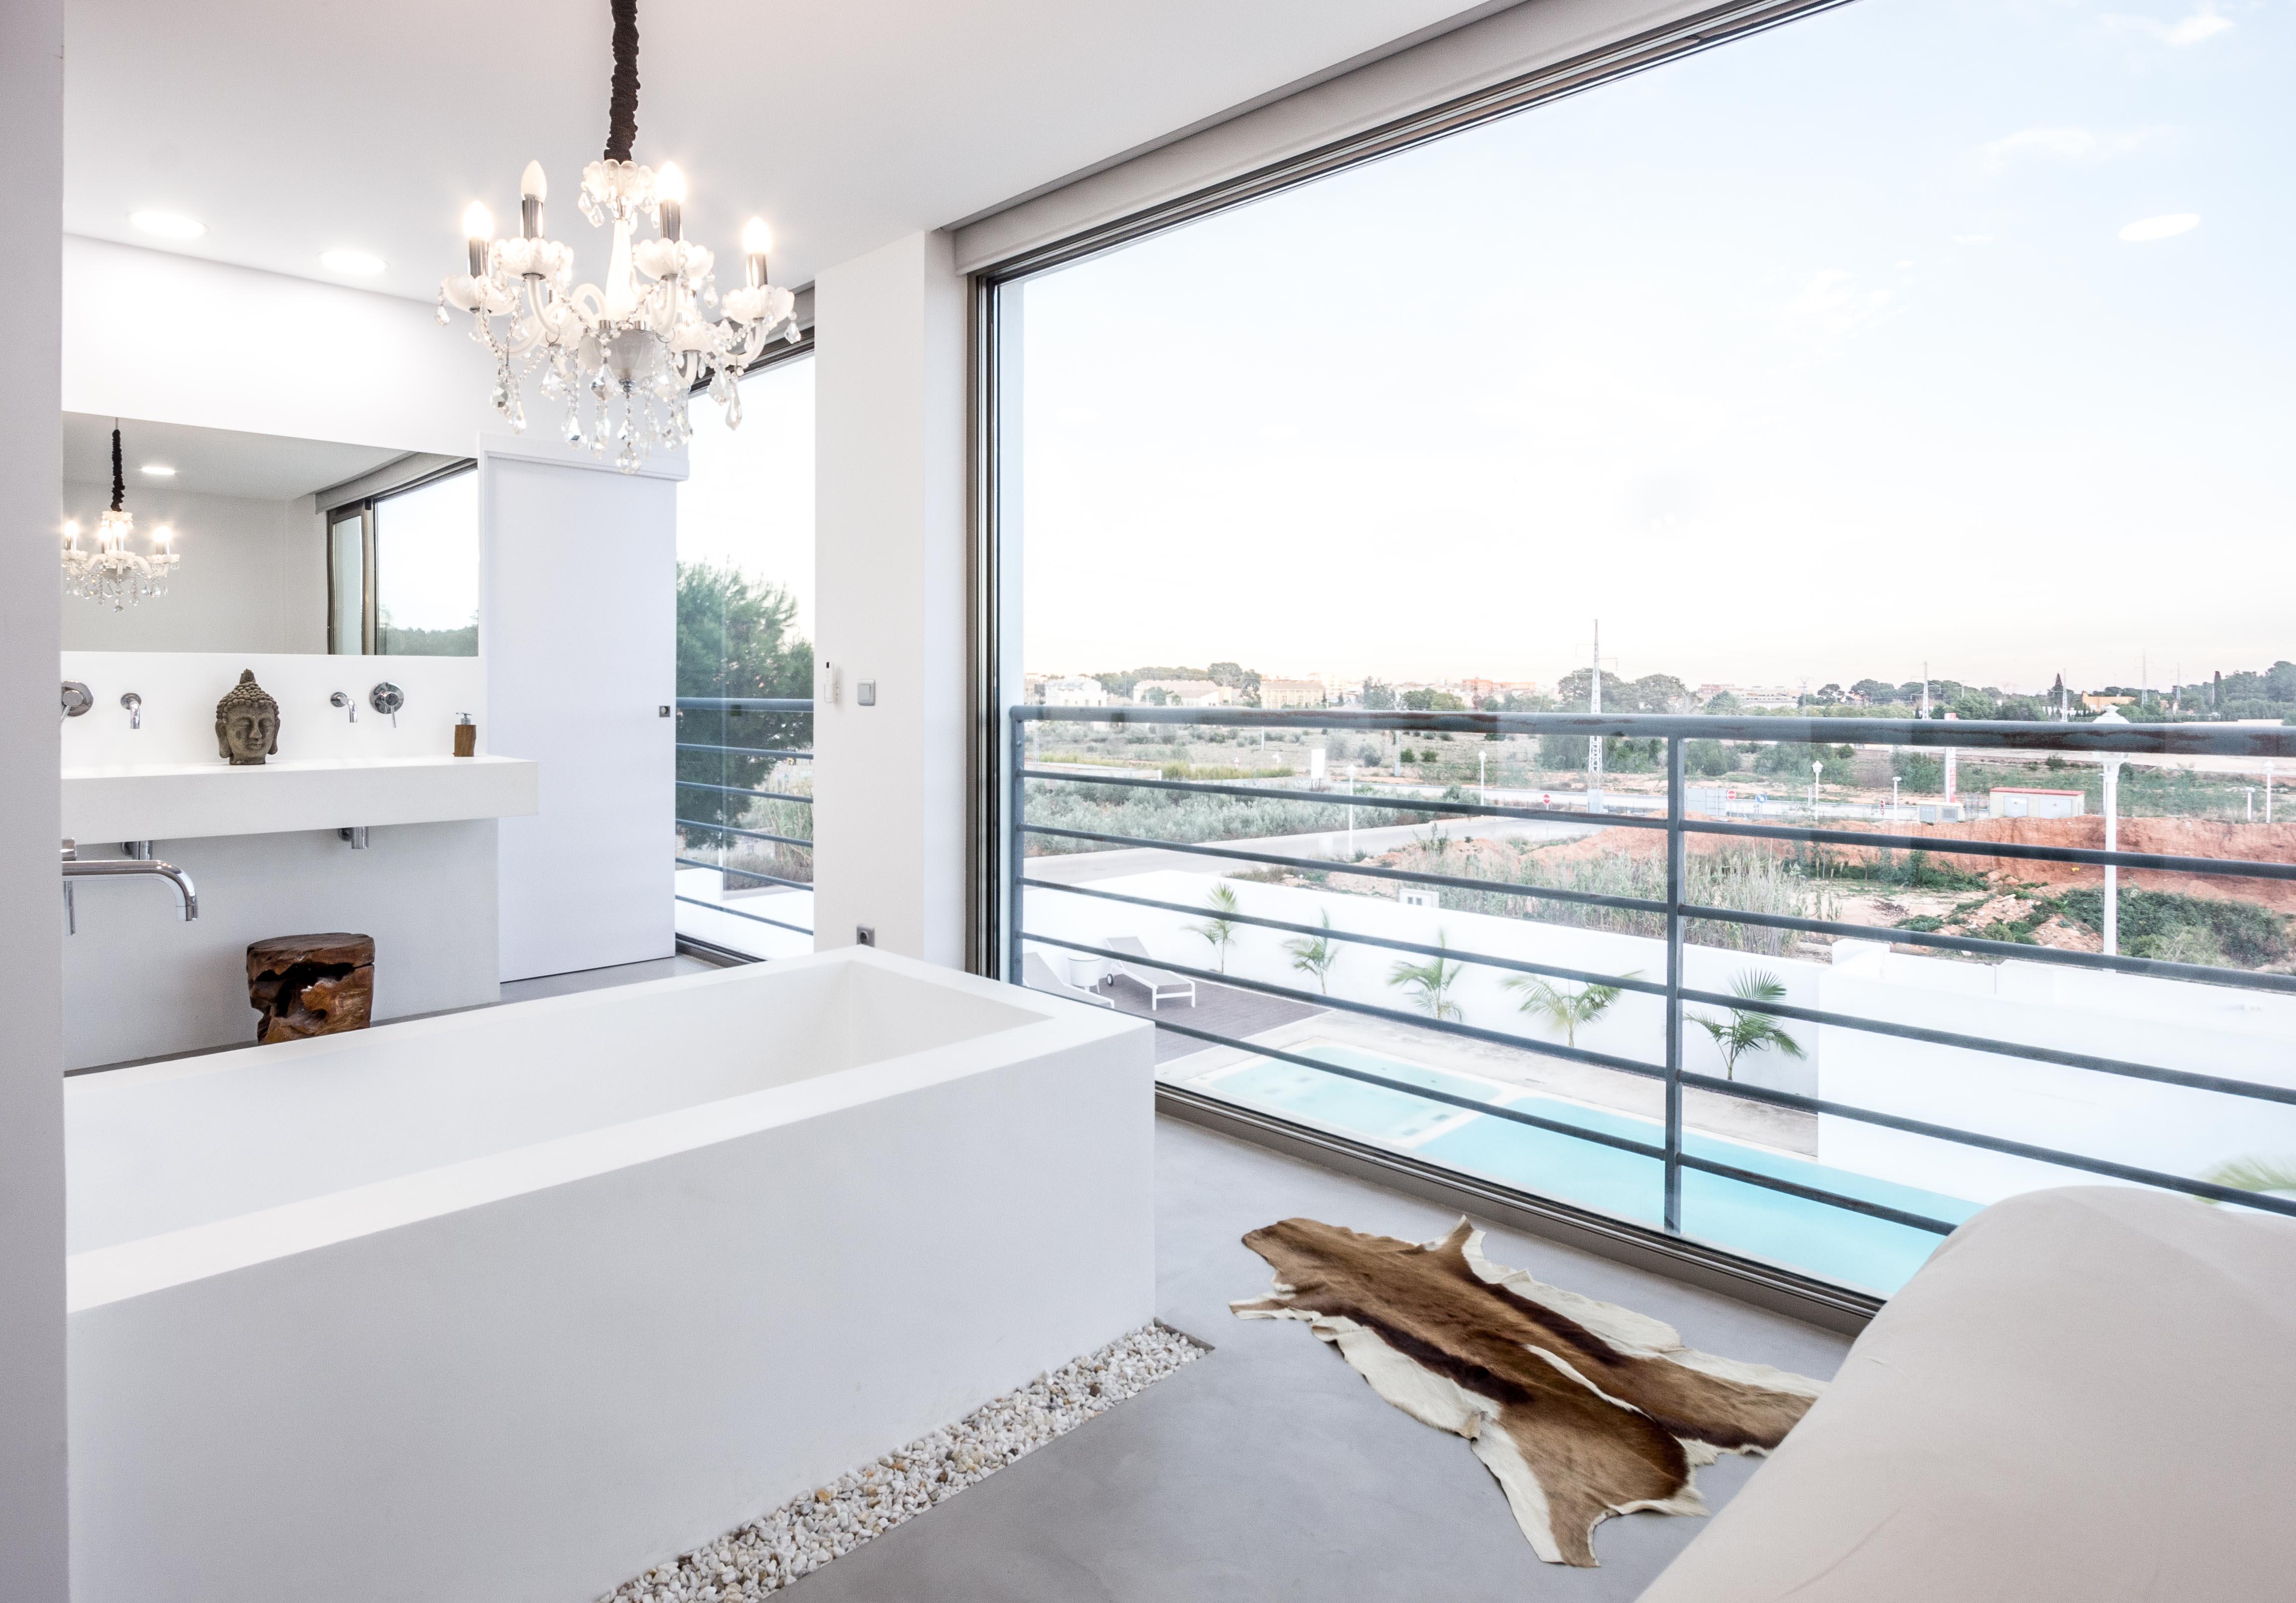 Bañera exenta en dormitorio y lavabo de microcemento blanco en casa cubo mediterranea. Chiralt arquitectos Valencia.